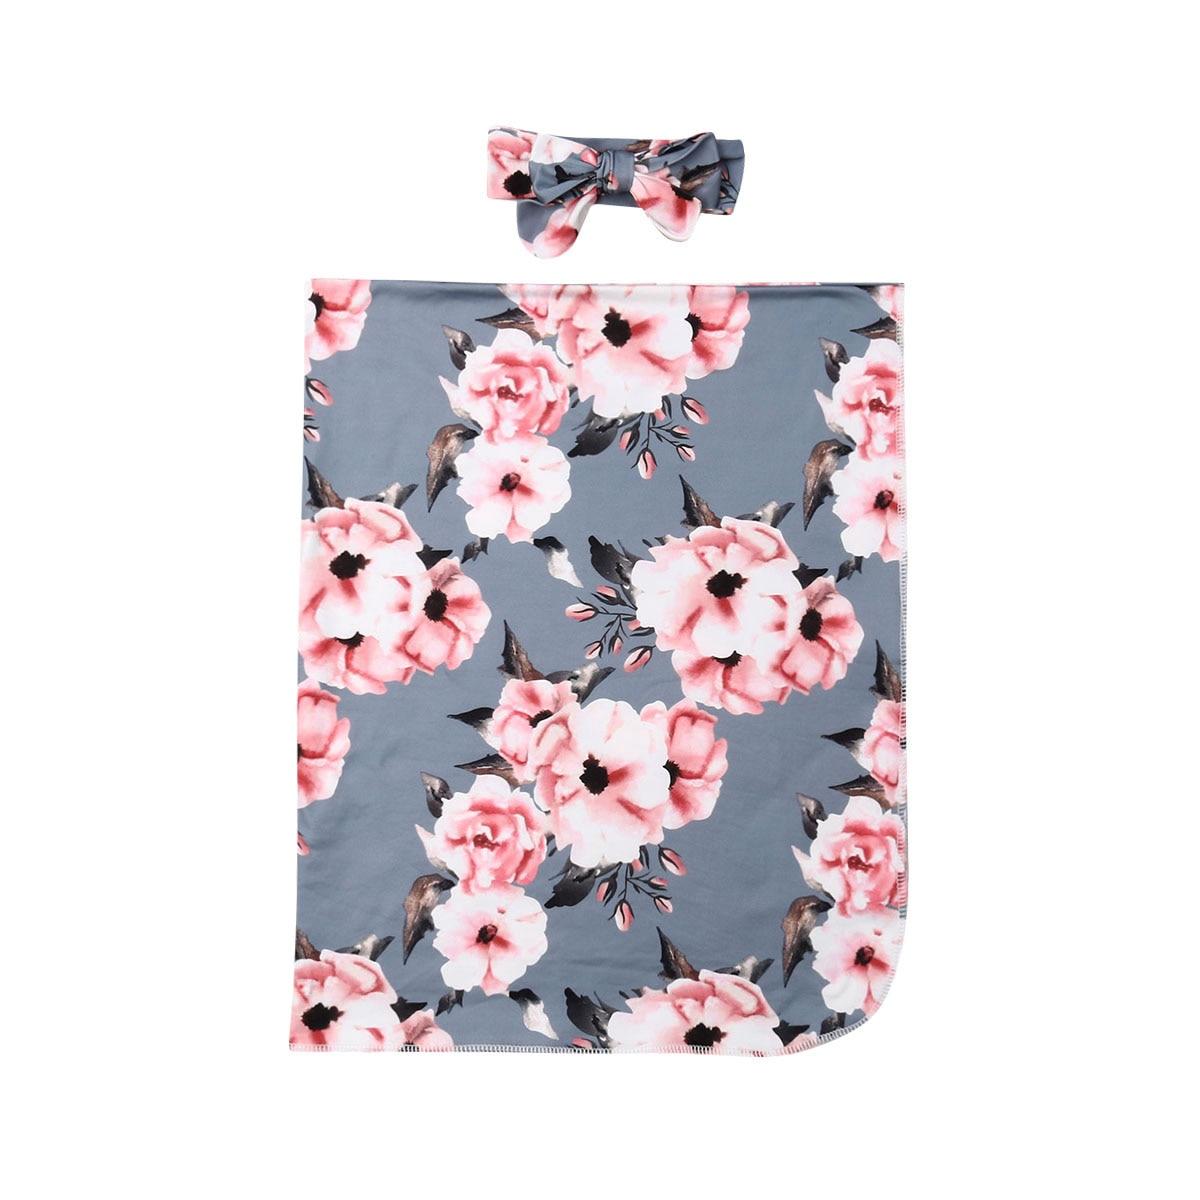 2019 Pudcoco Blume Neugeborenen Baby Mädchen Swaddle Wrap Blanket Schlafsack Stirnband 0-6 M 100% Hochwertige Materialien